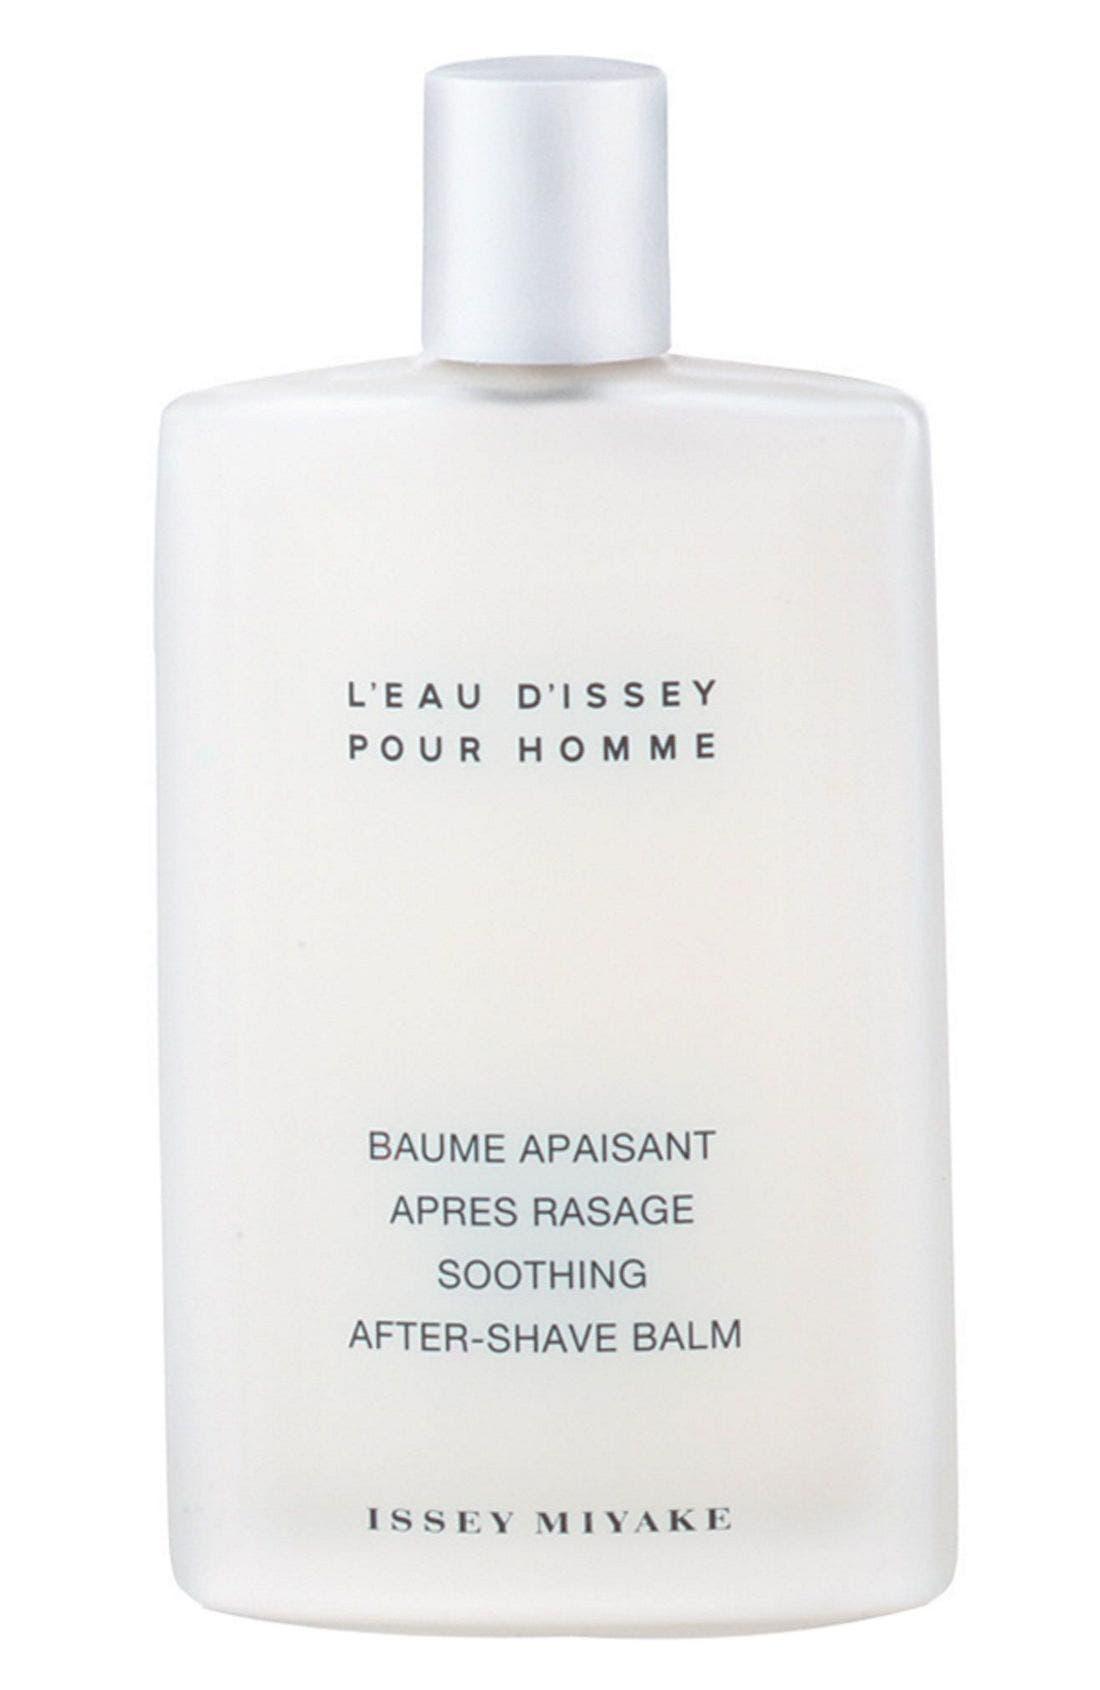 'L'Eau d'Issey pour Homme' Soothing After-Shave Balm,                             Main thumbnail 1, color,                             NO COLOR